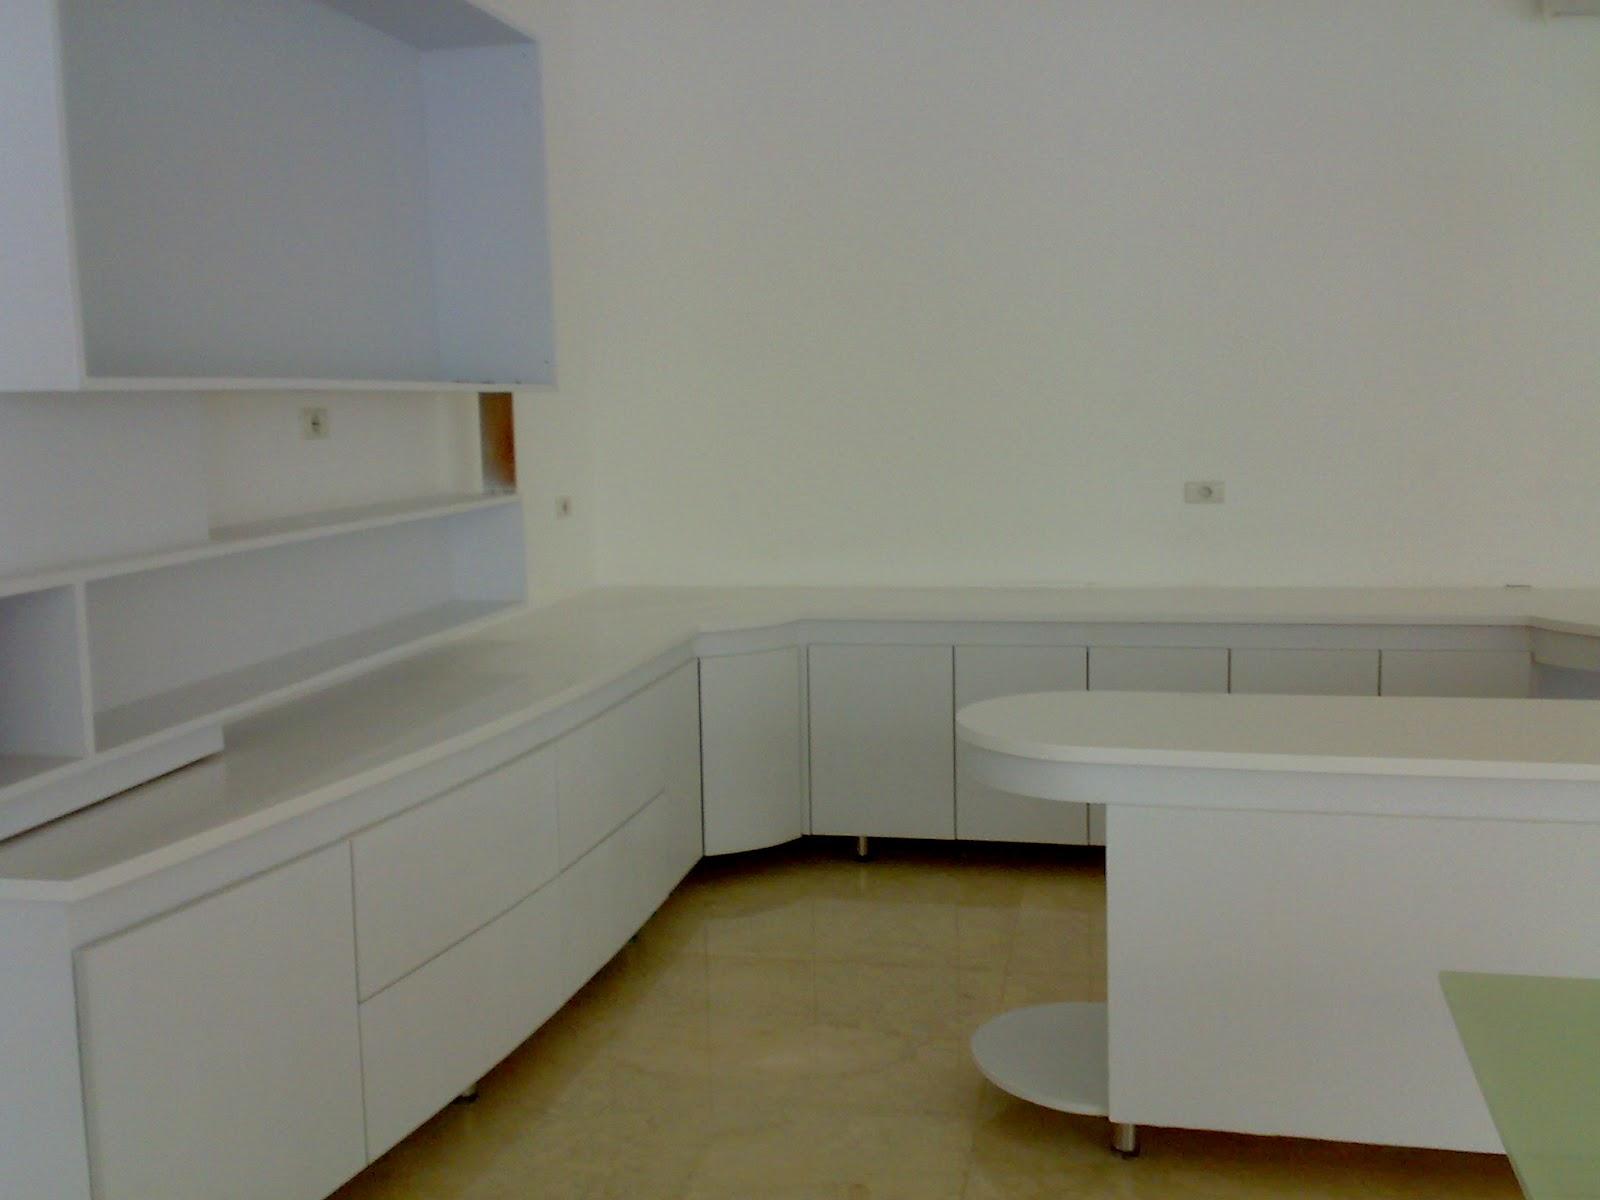 Batu granit sintetis oktober 2012 batu granit jual for Harga granit untuk kitchen set